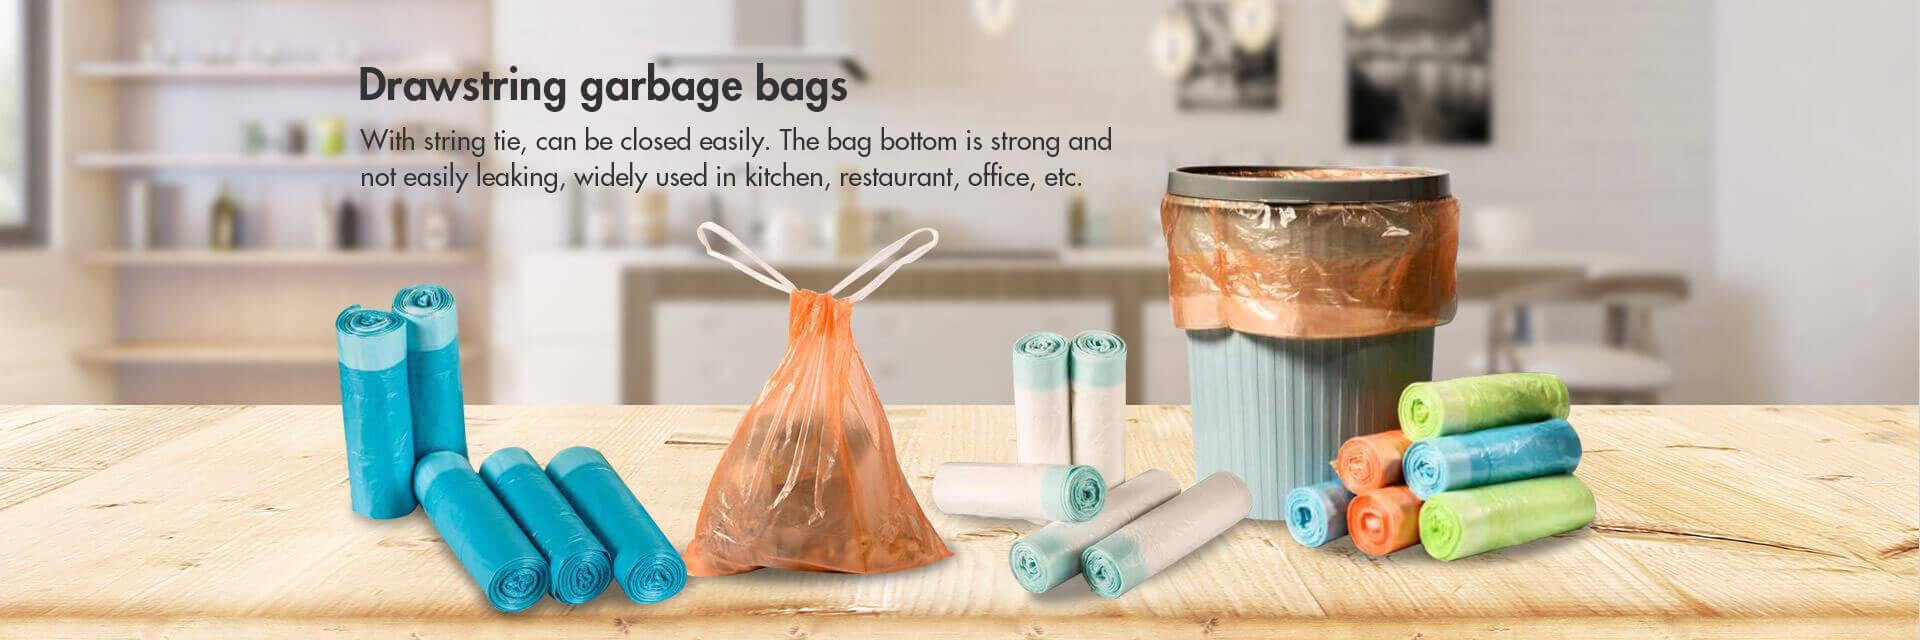 Drawstring Garbage Bag